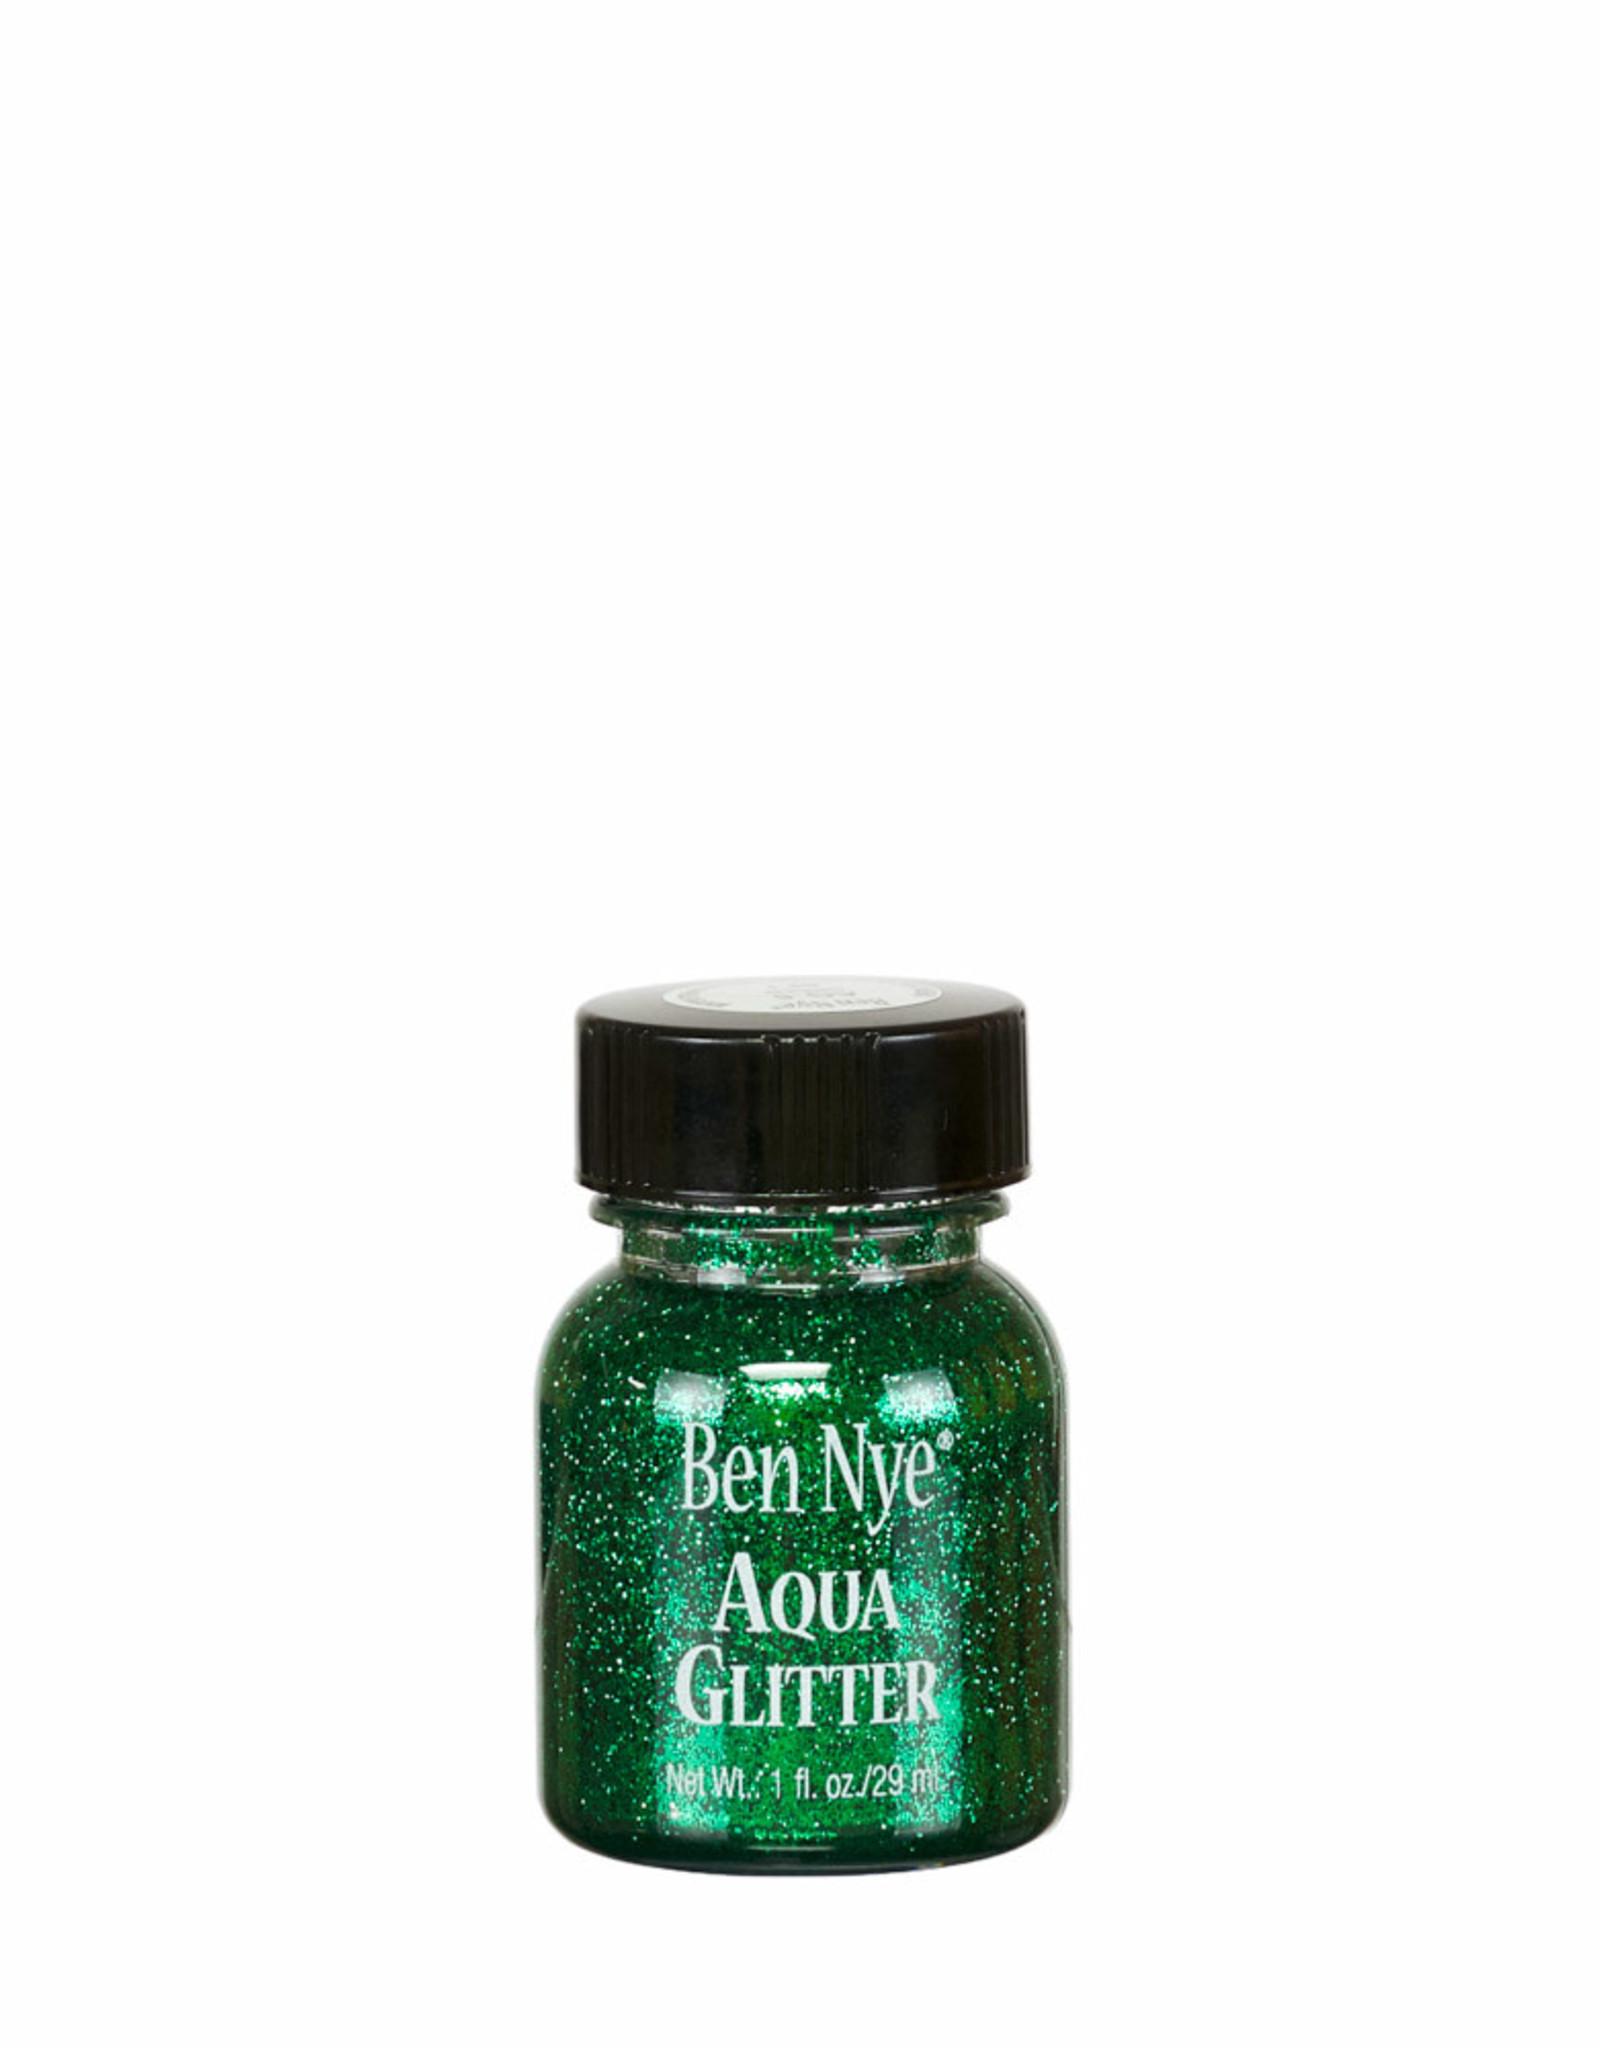 Ben Nye AQUA GLITTER, GREEN,1 FL OZ